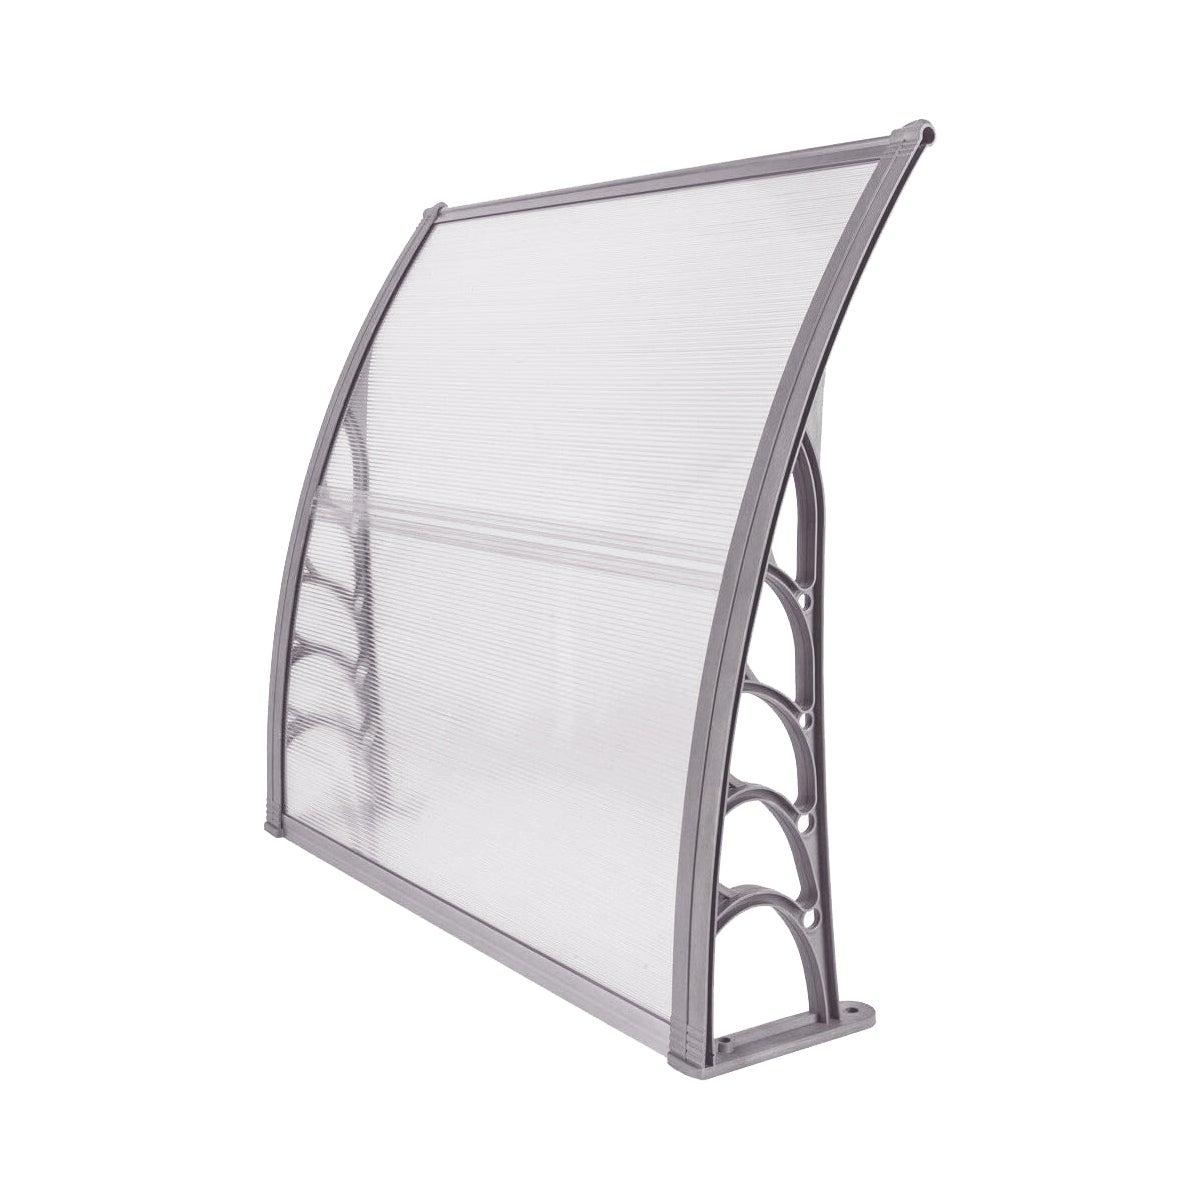 Shop Black Friday Deals On Costway 40 X 40 Window Awning Door Canopy Outdoor Front Door Transparent With Gray Bracket Overstock 18116289